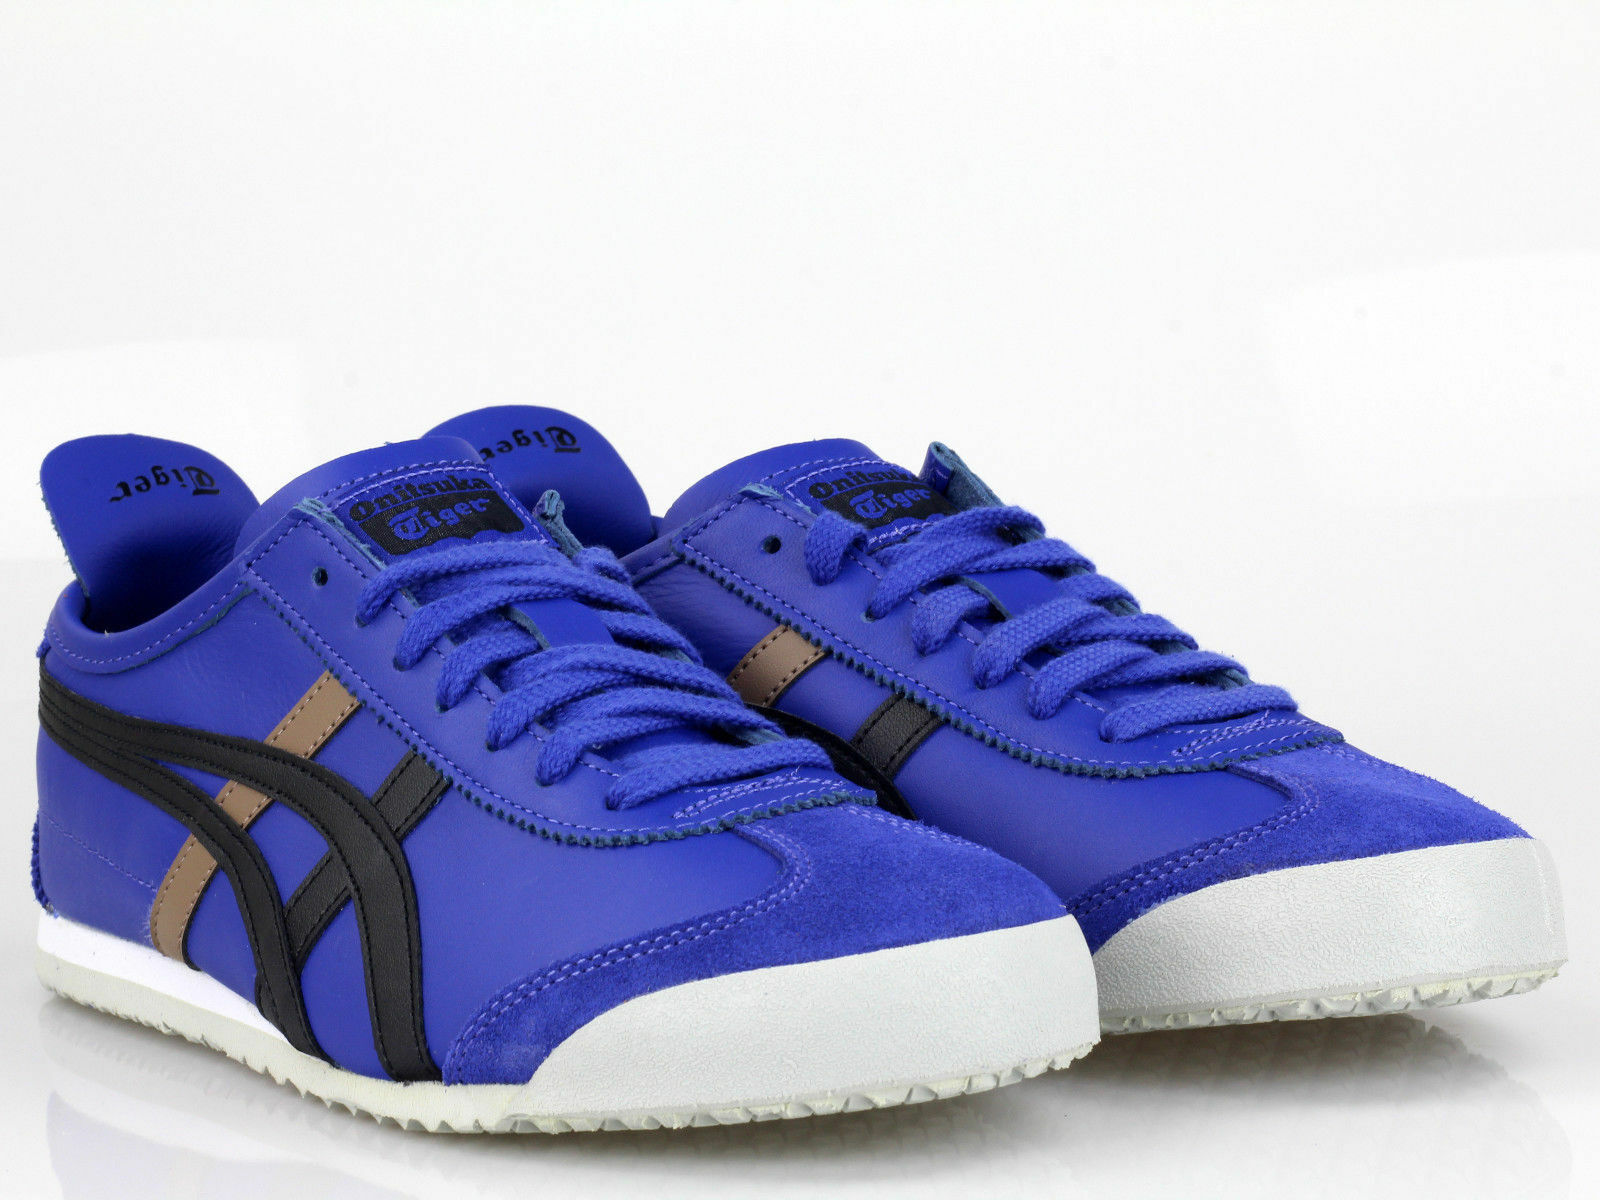 Asics Onitsuka Tiger Mexico 66 Schuhe Sneaker Blau Schwarz D4J2L-4590